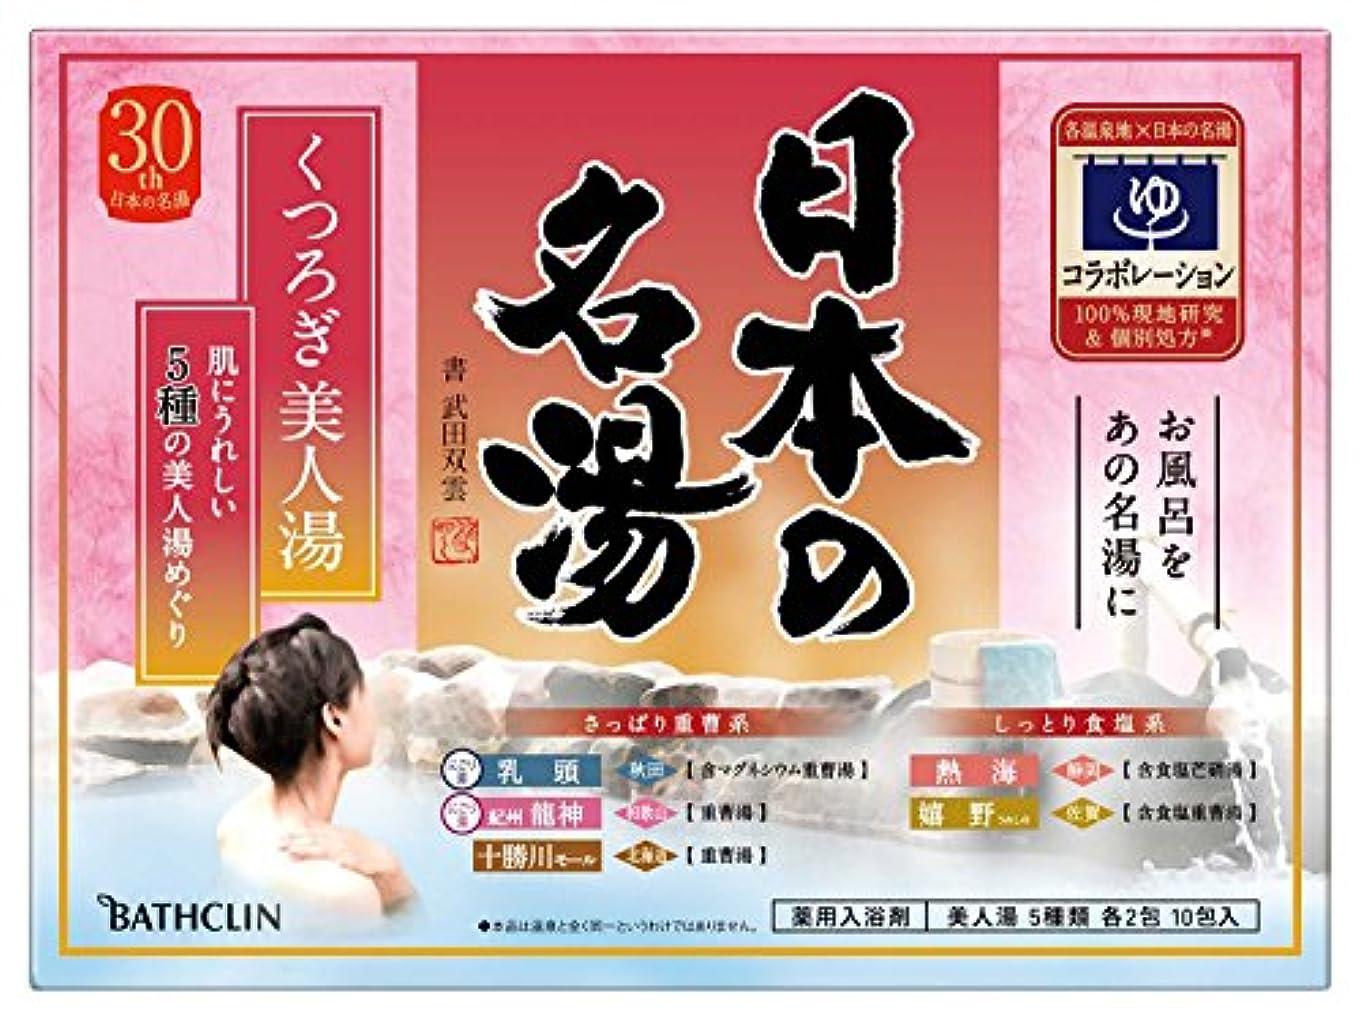 起きて不公平サスペンド日本の名湯 くつろぎ美人湯 30g 10包入り 入浴剤 (医薬部外品)